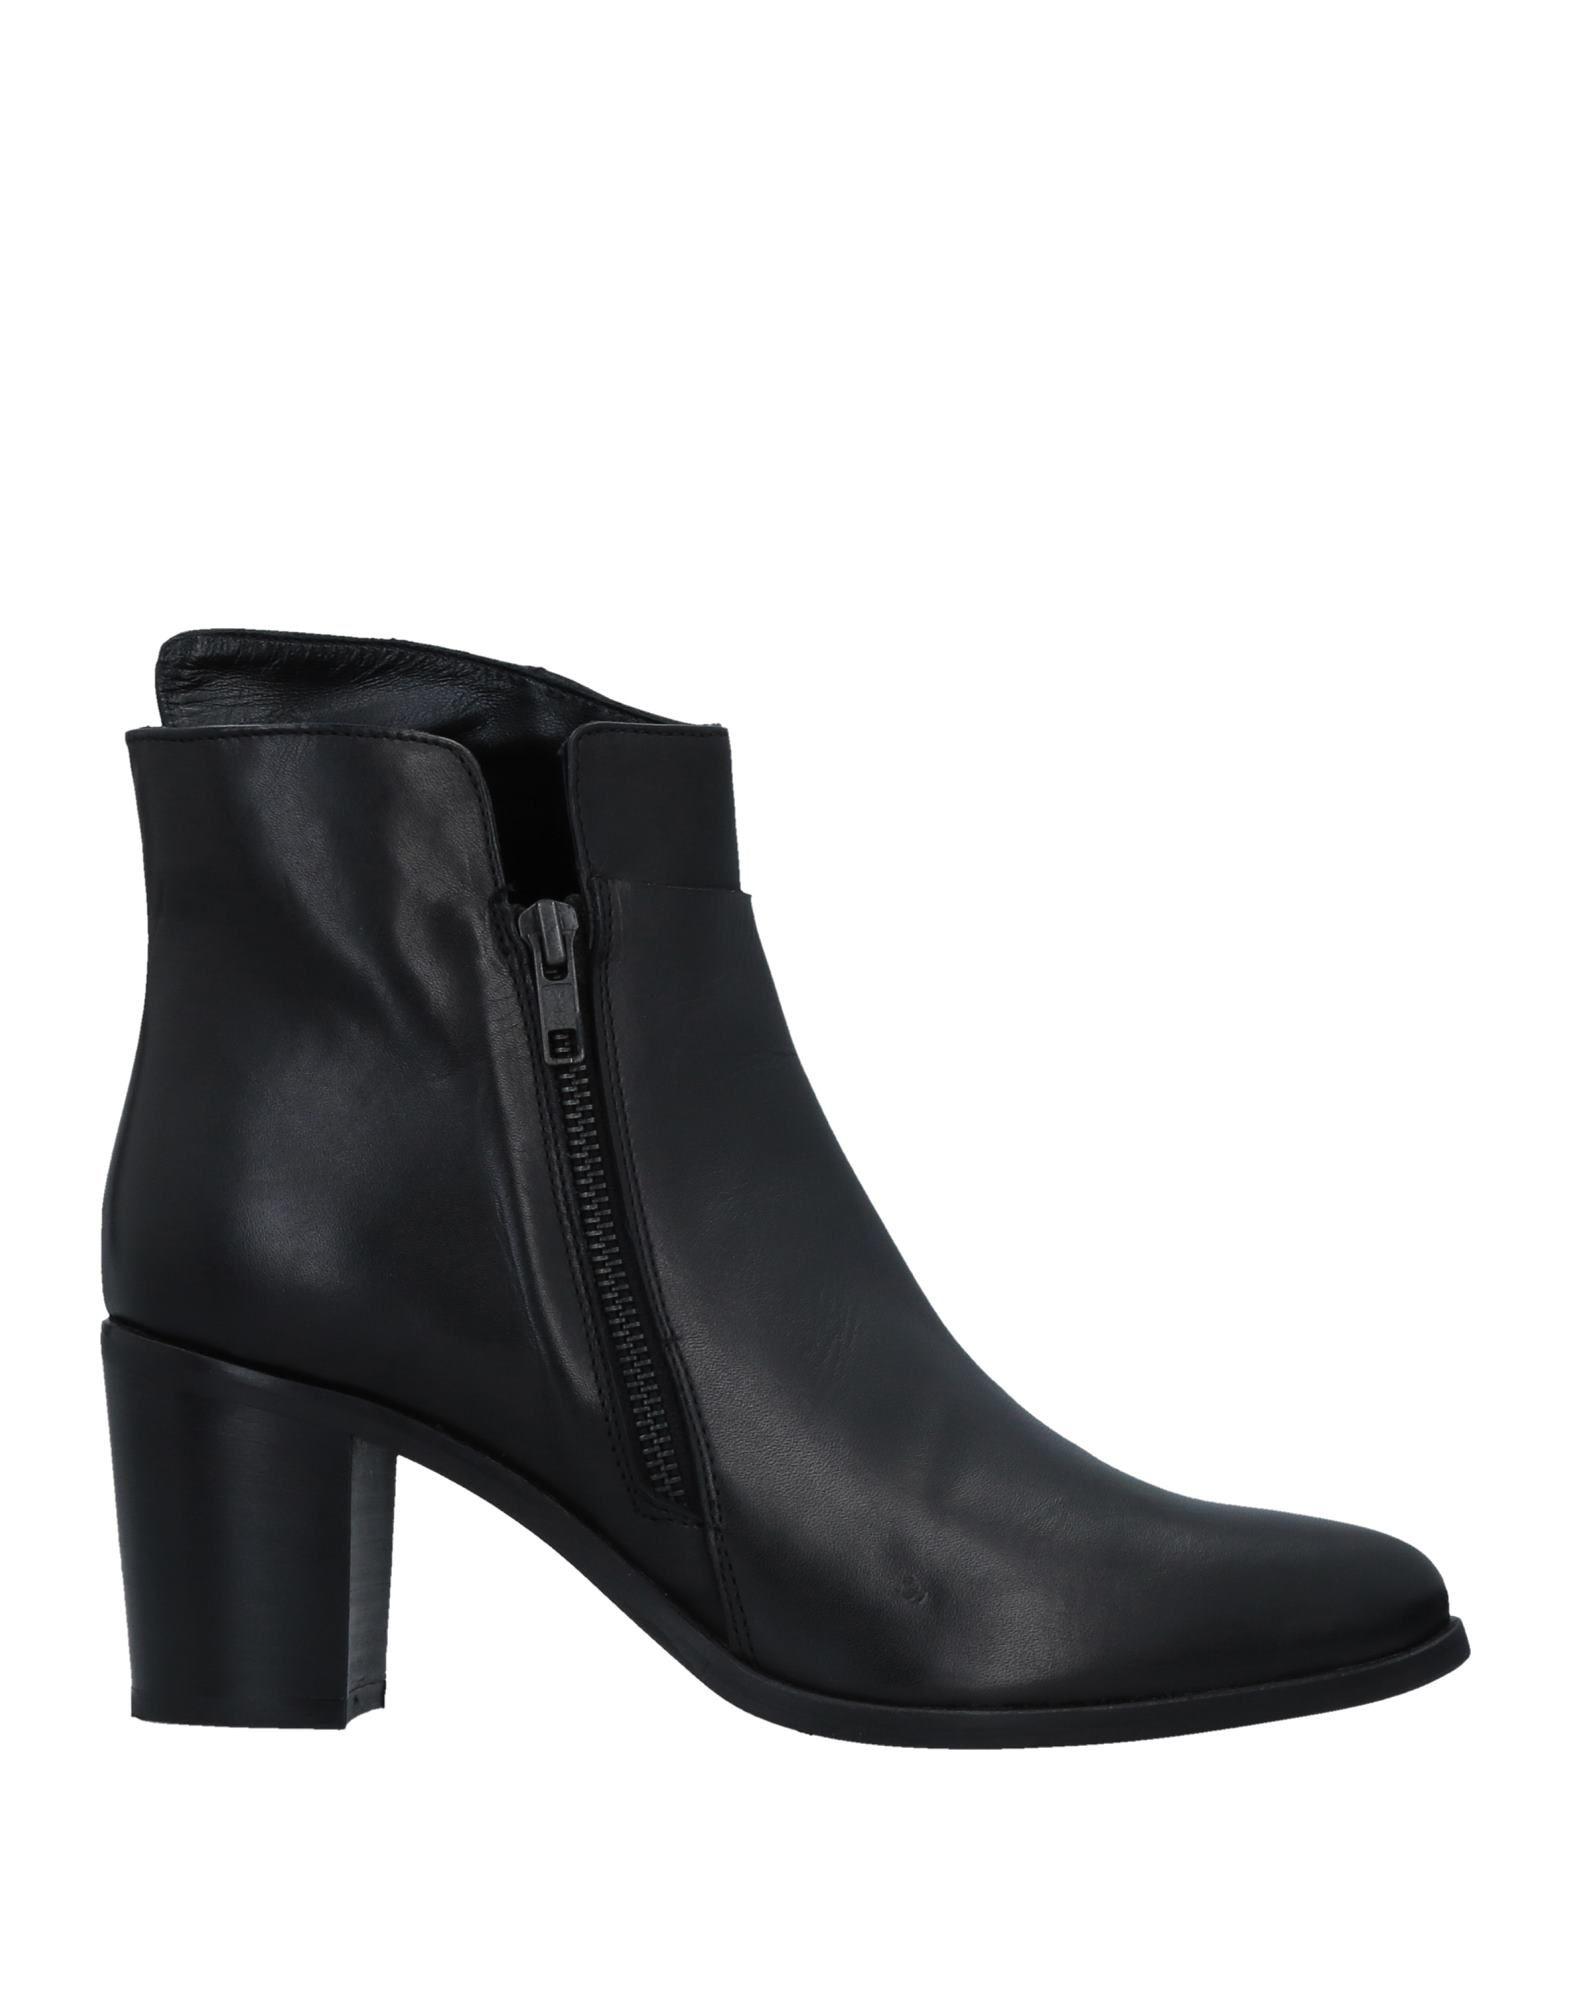 Lea Foscati Stiefelette Damen  11509126NC Gute Qualität beliebte Schuhe